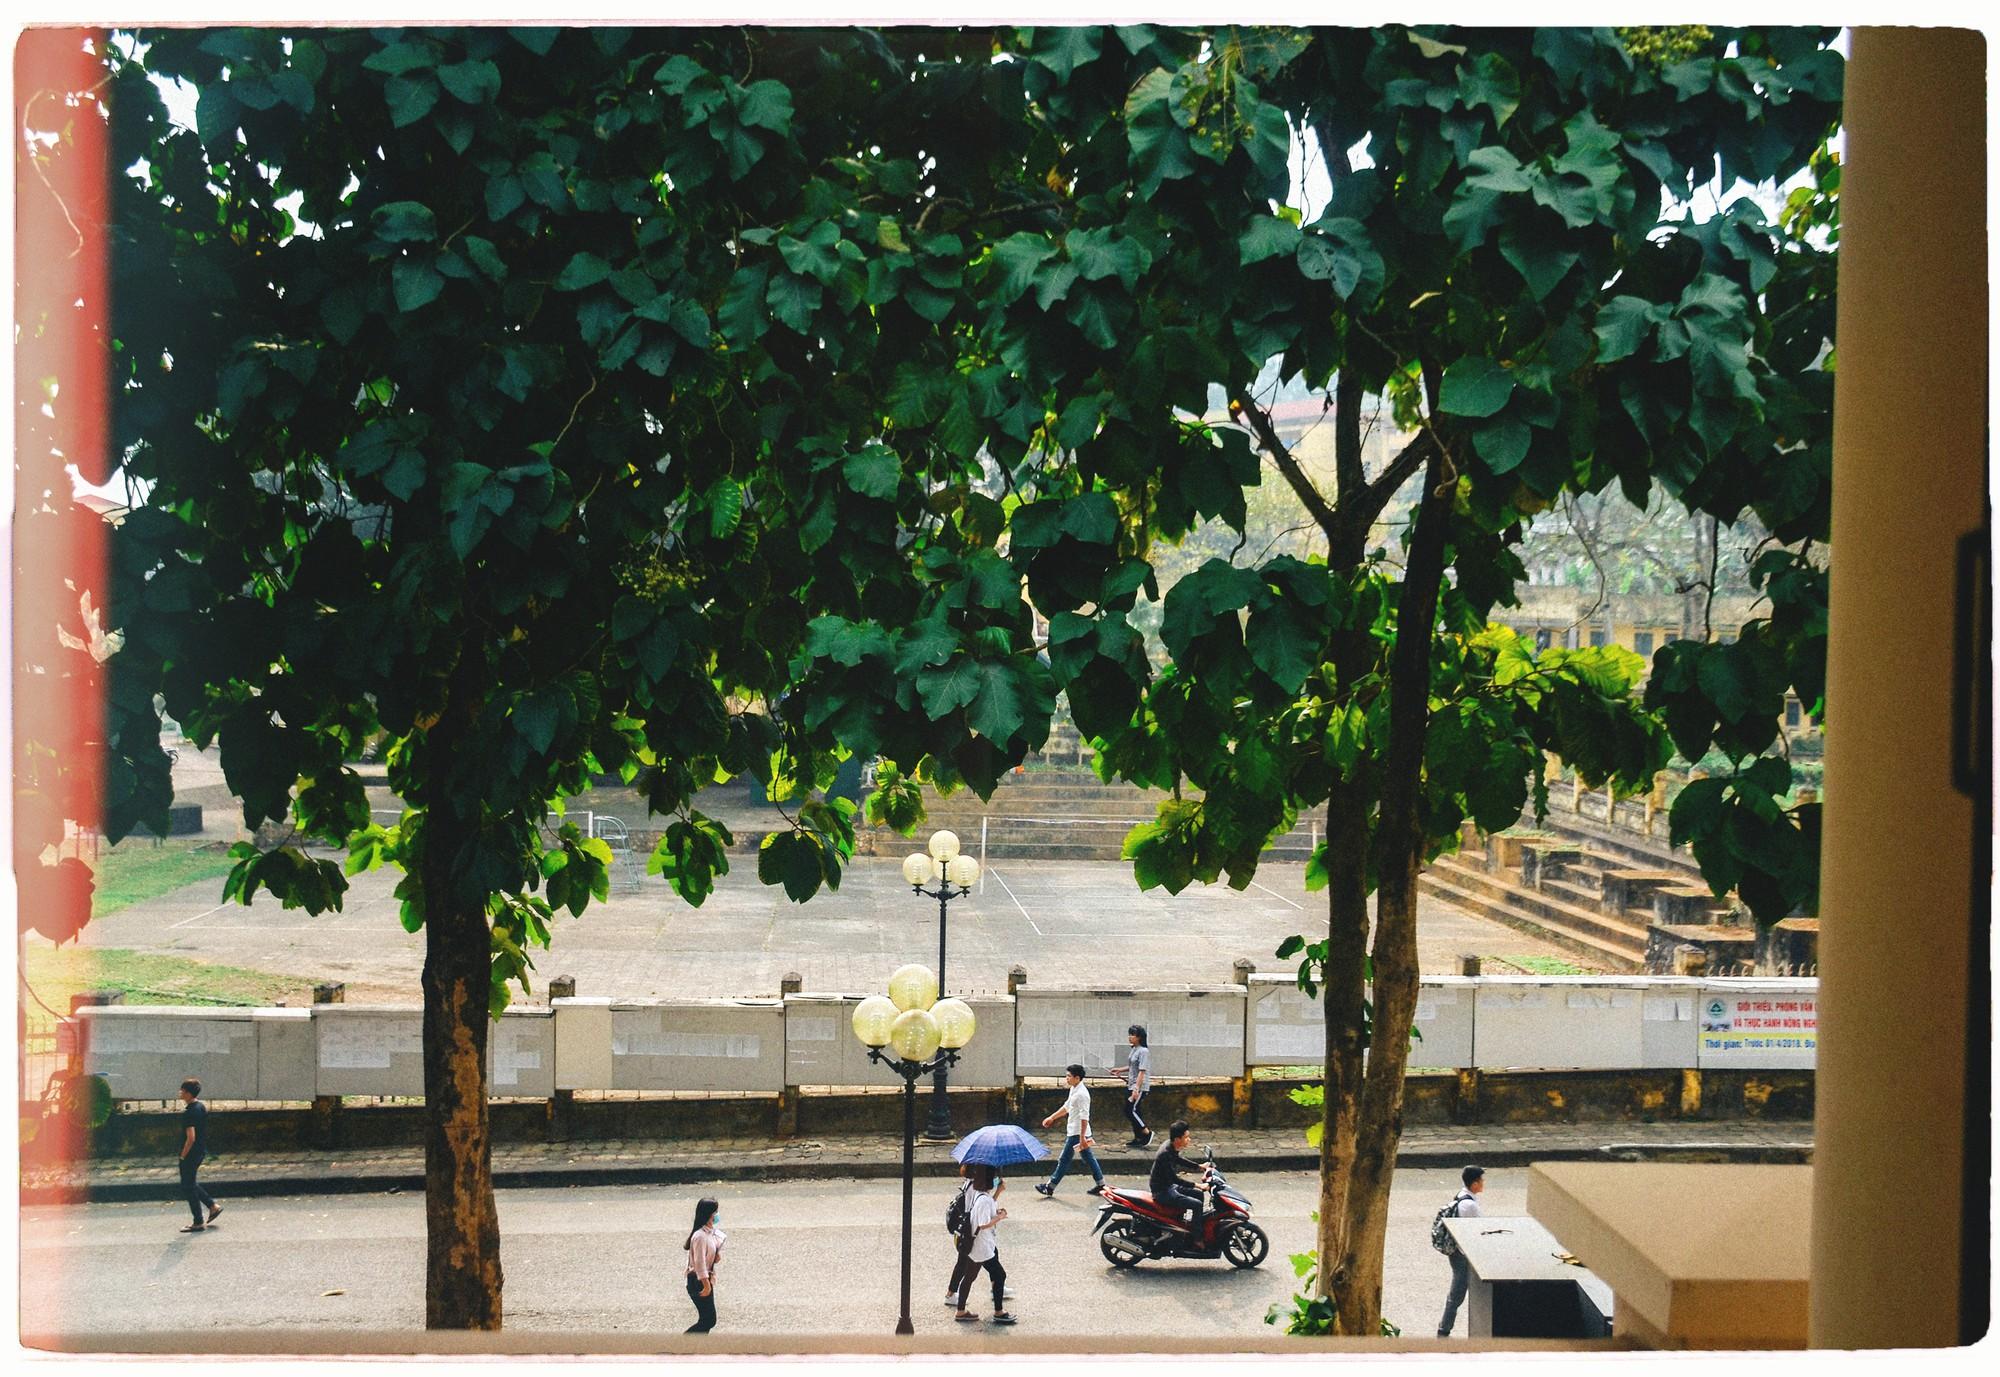 Đây là Đại học duy nhất ở Việt Nam có 1 khu rừng tuyệt đẹp ngay trong khuôn viên trường, tha hồ sống ảo - Ảnh 9.